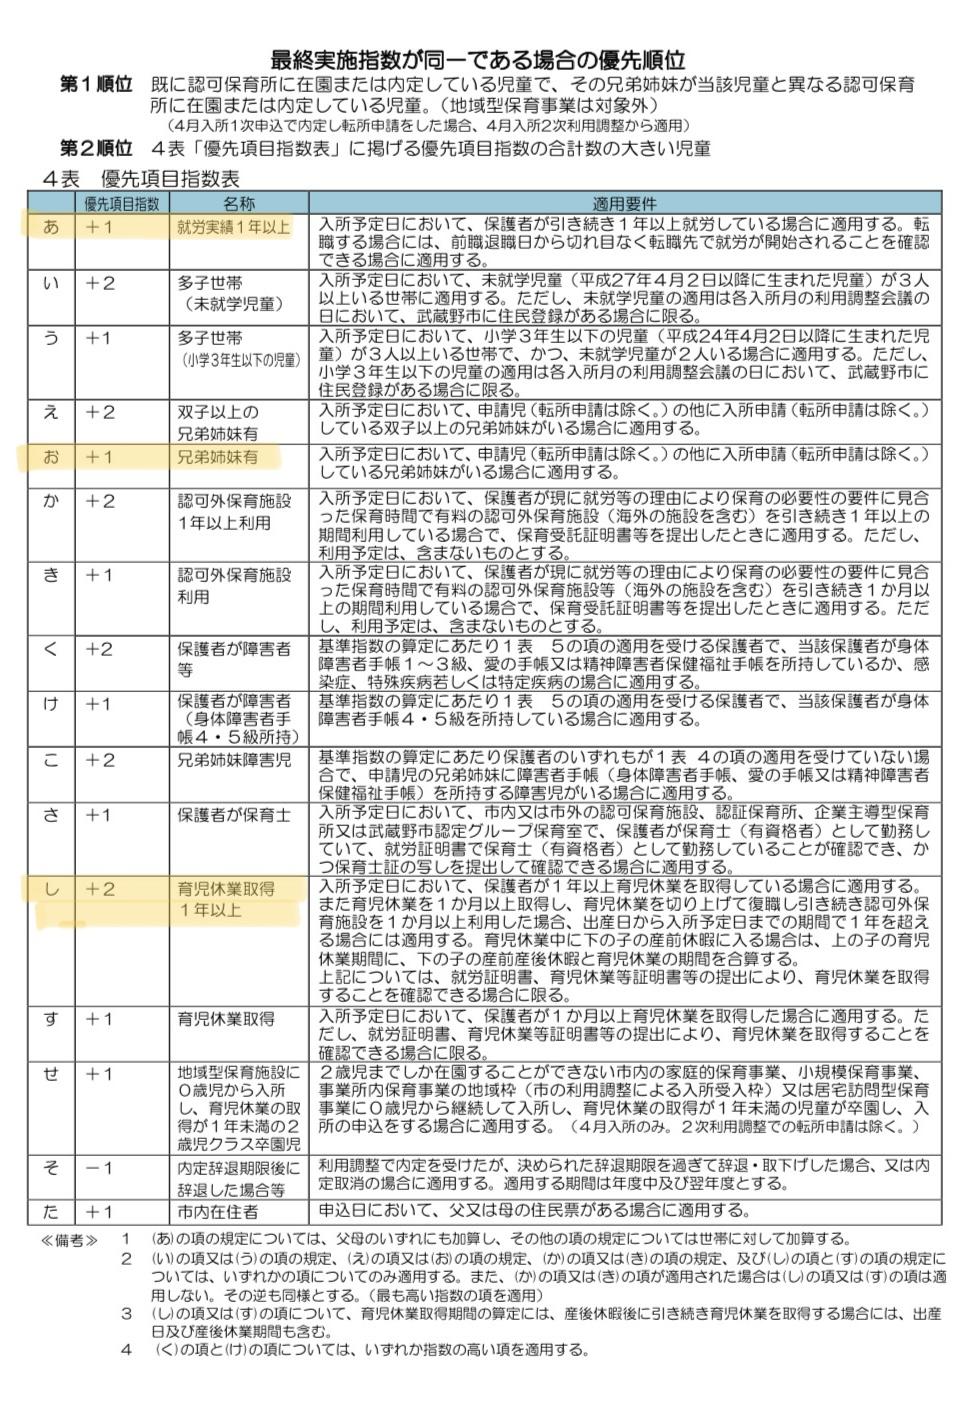 【2021年度】武蔵野市で1歳と3歳が認可保育園に合格した点数を大公開